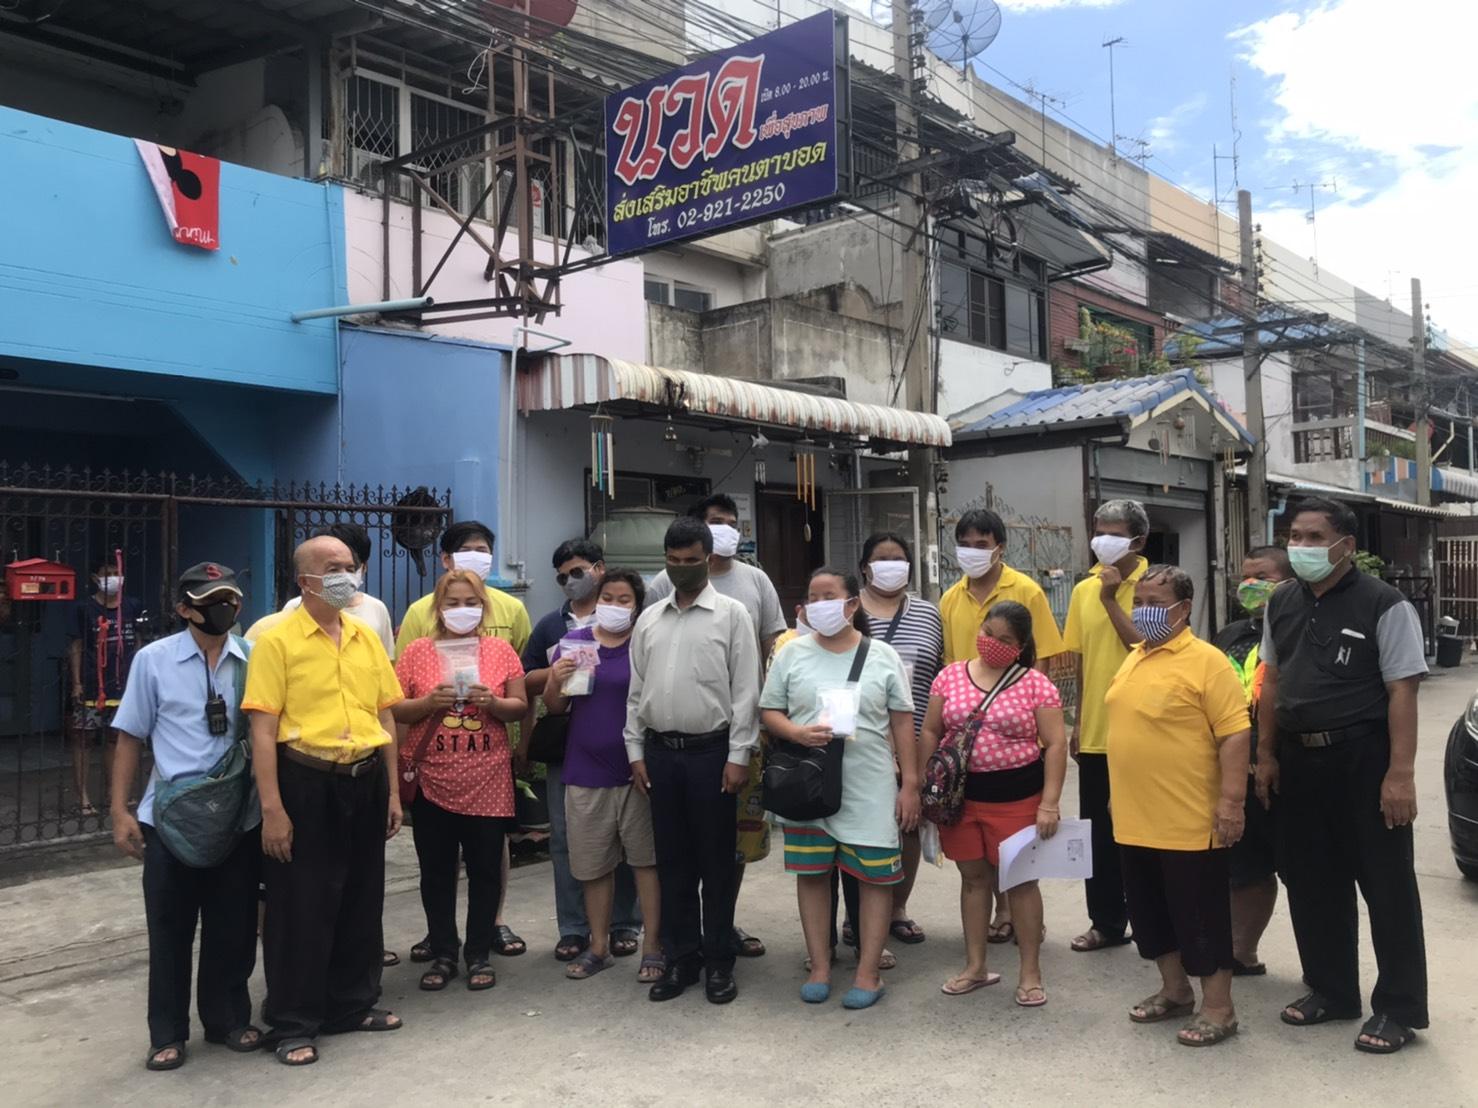 นายกสมาคมประชาคมคนตาบอดมอบเงิน,เจลแอลกอฮอล์ ให้กับคนตาบอดพื้นที่นนทบุรี